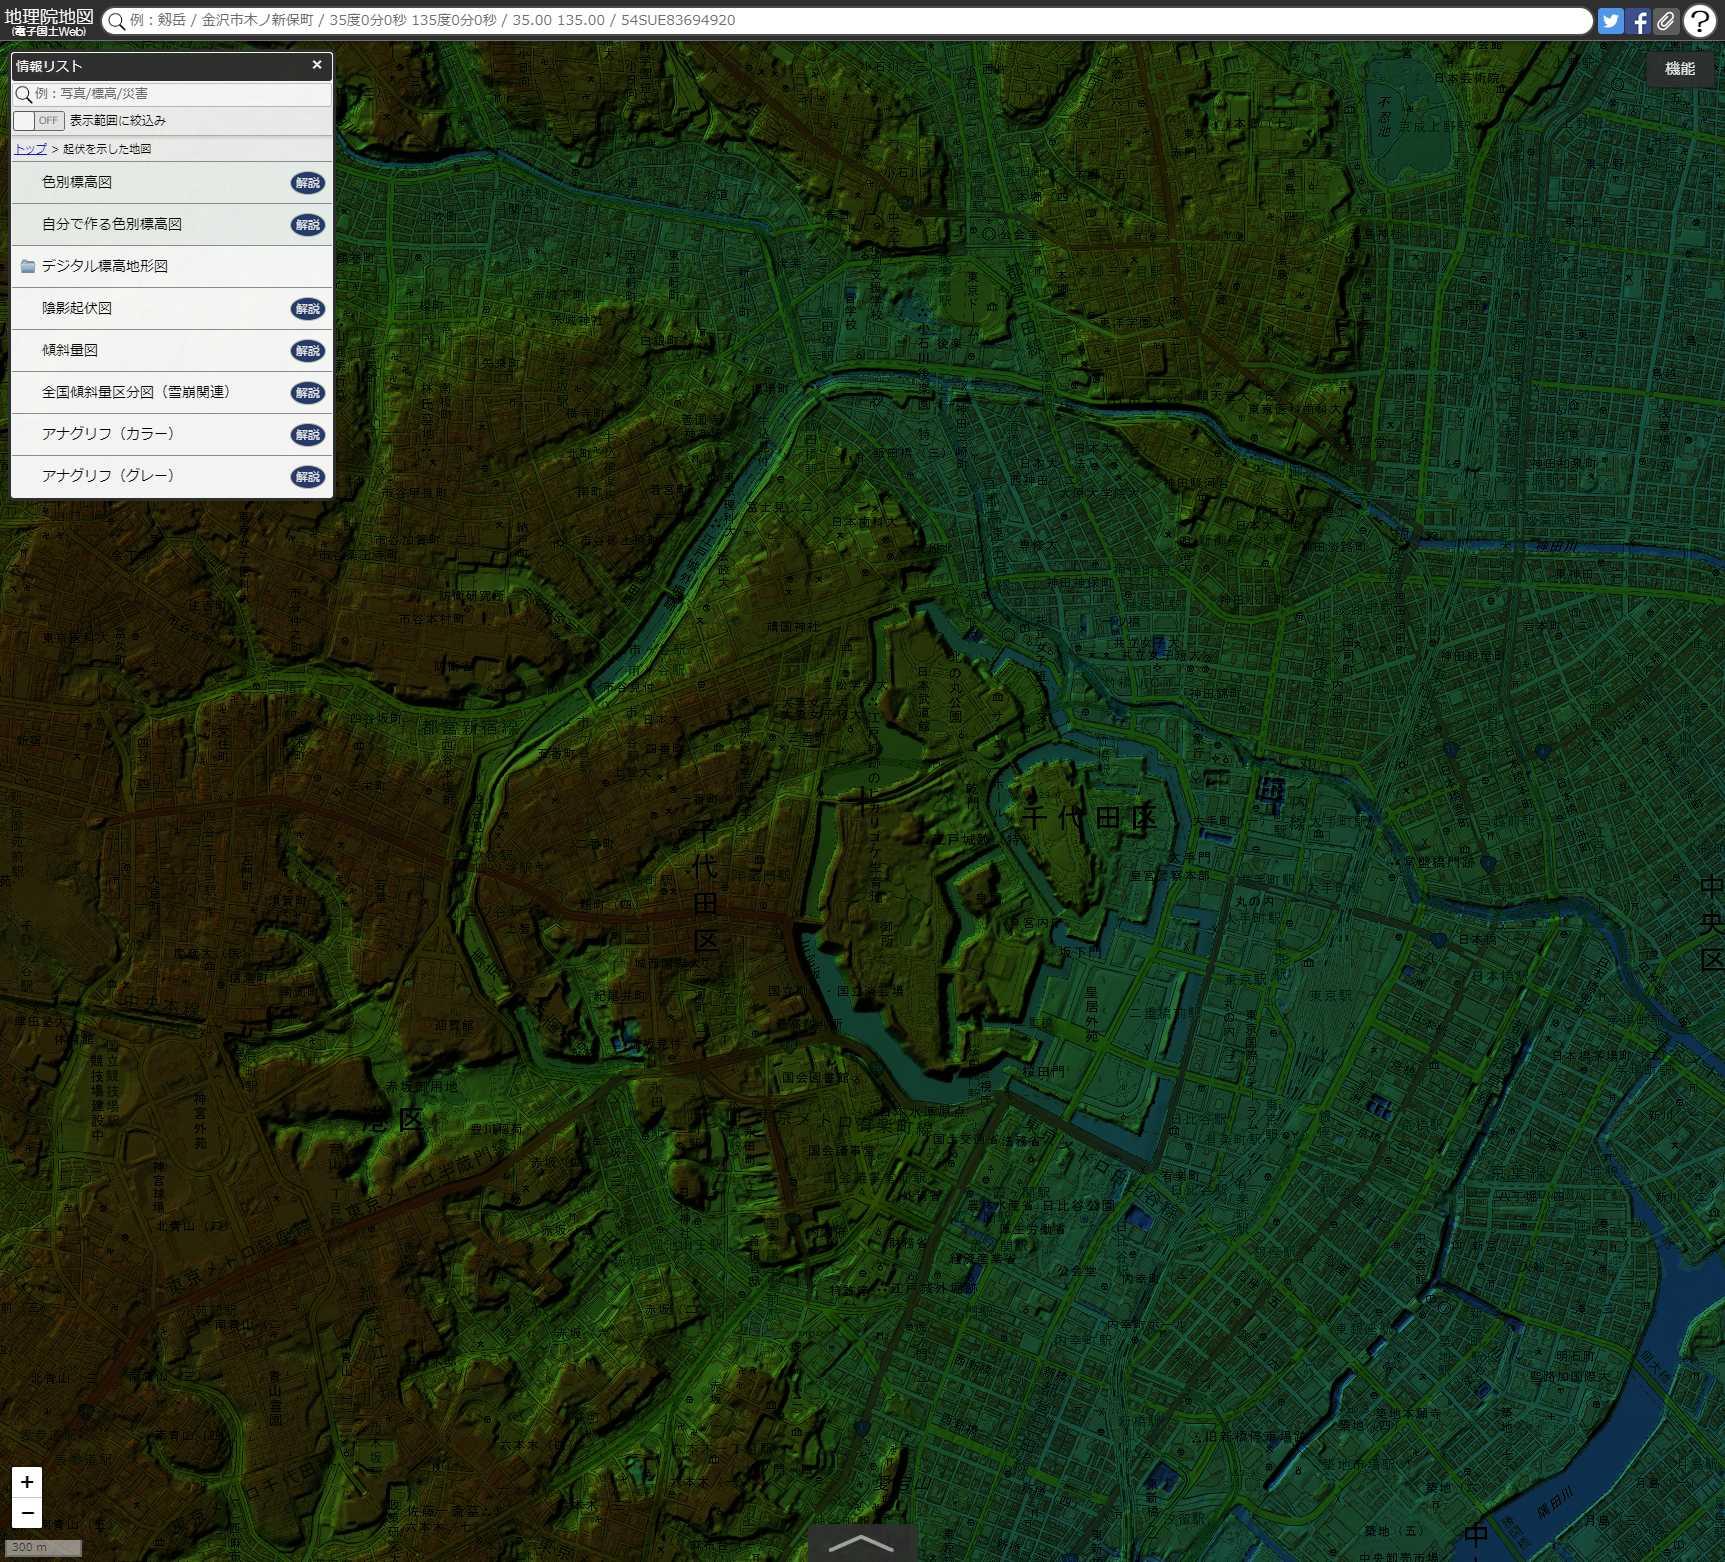 高低差のための新機能、国土地理院が公開【地図ウォッチ】